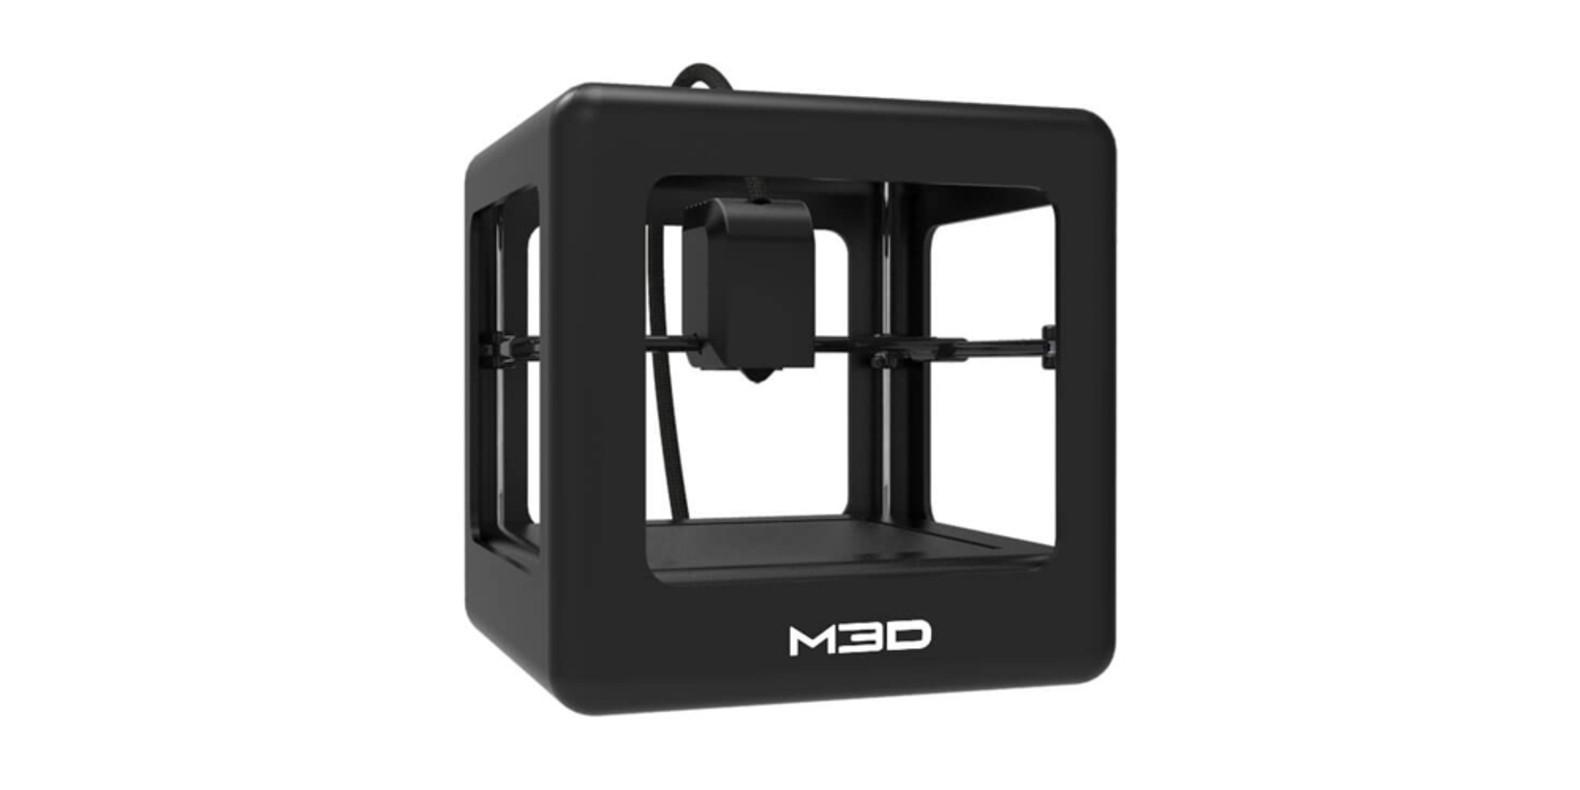 M3D Micro 3D printer Imprimante 3D